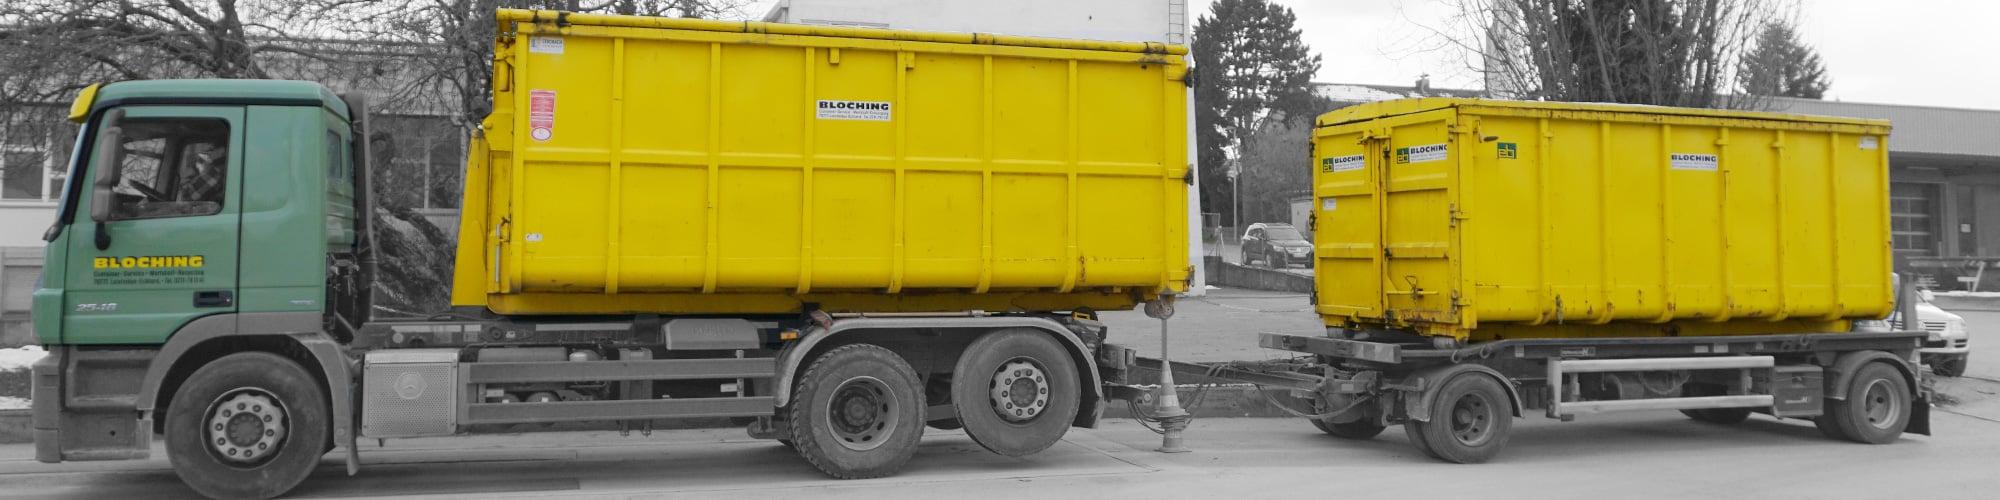 Abrollkipper mit Abrollcontainer (10 m³ bis 36 m³) - zulässiges Gesamtgewicht bis 26 Tonnen